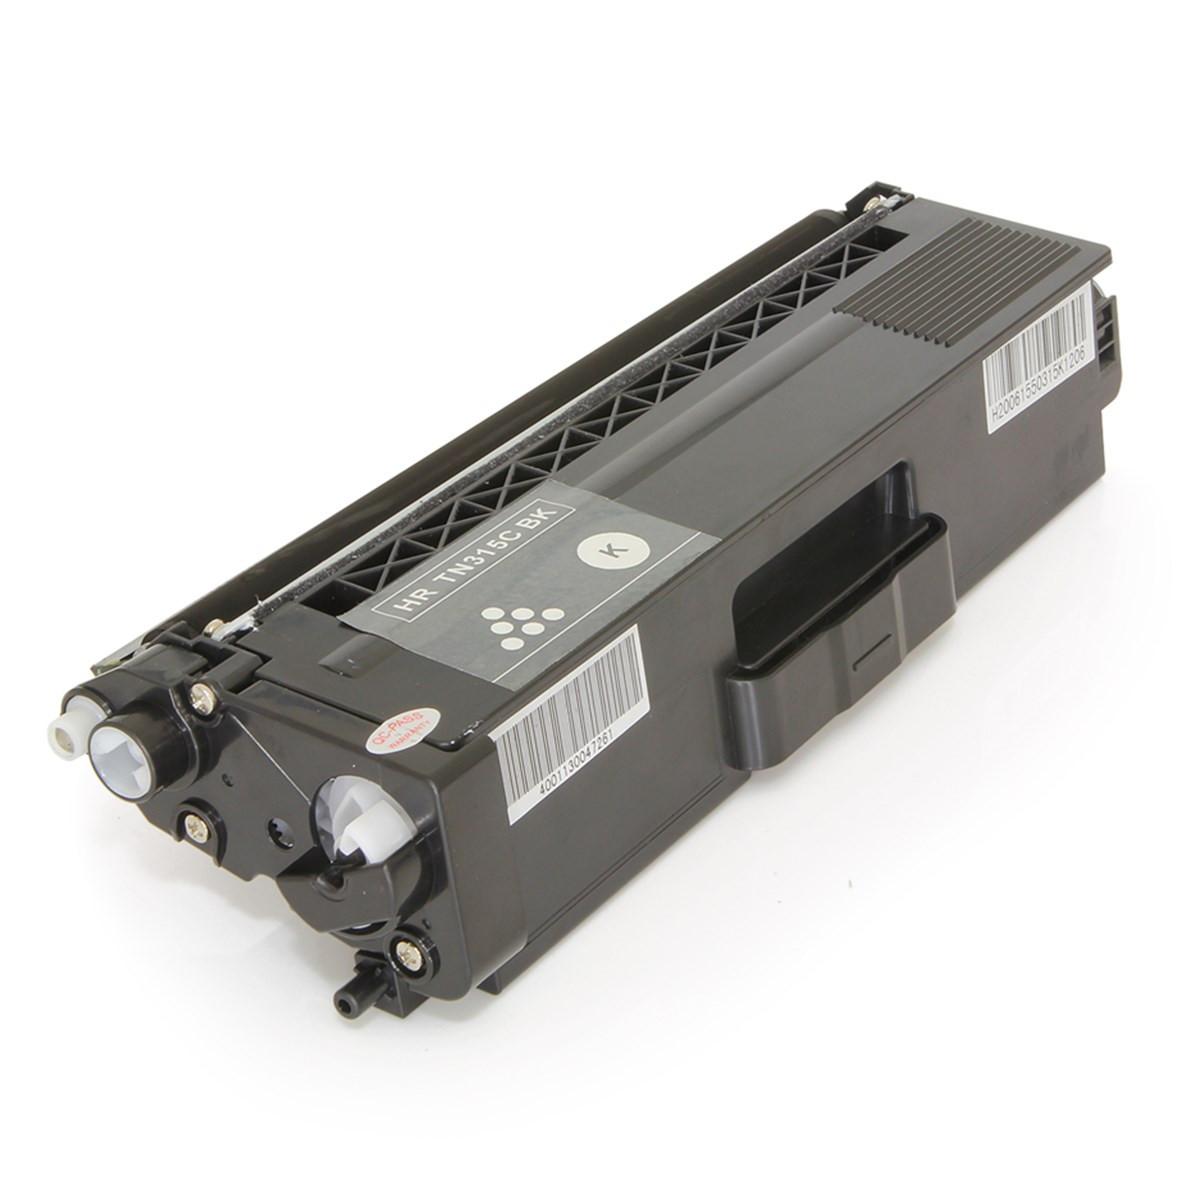 Toner Compatível com Brother TN329BK TN329 Preto   HL-L8250CDN HL-L8350CDW HL-L8450CDW Importado 6k